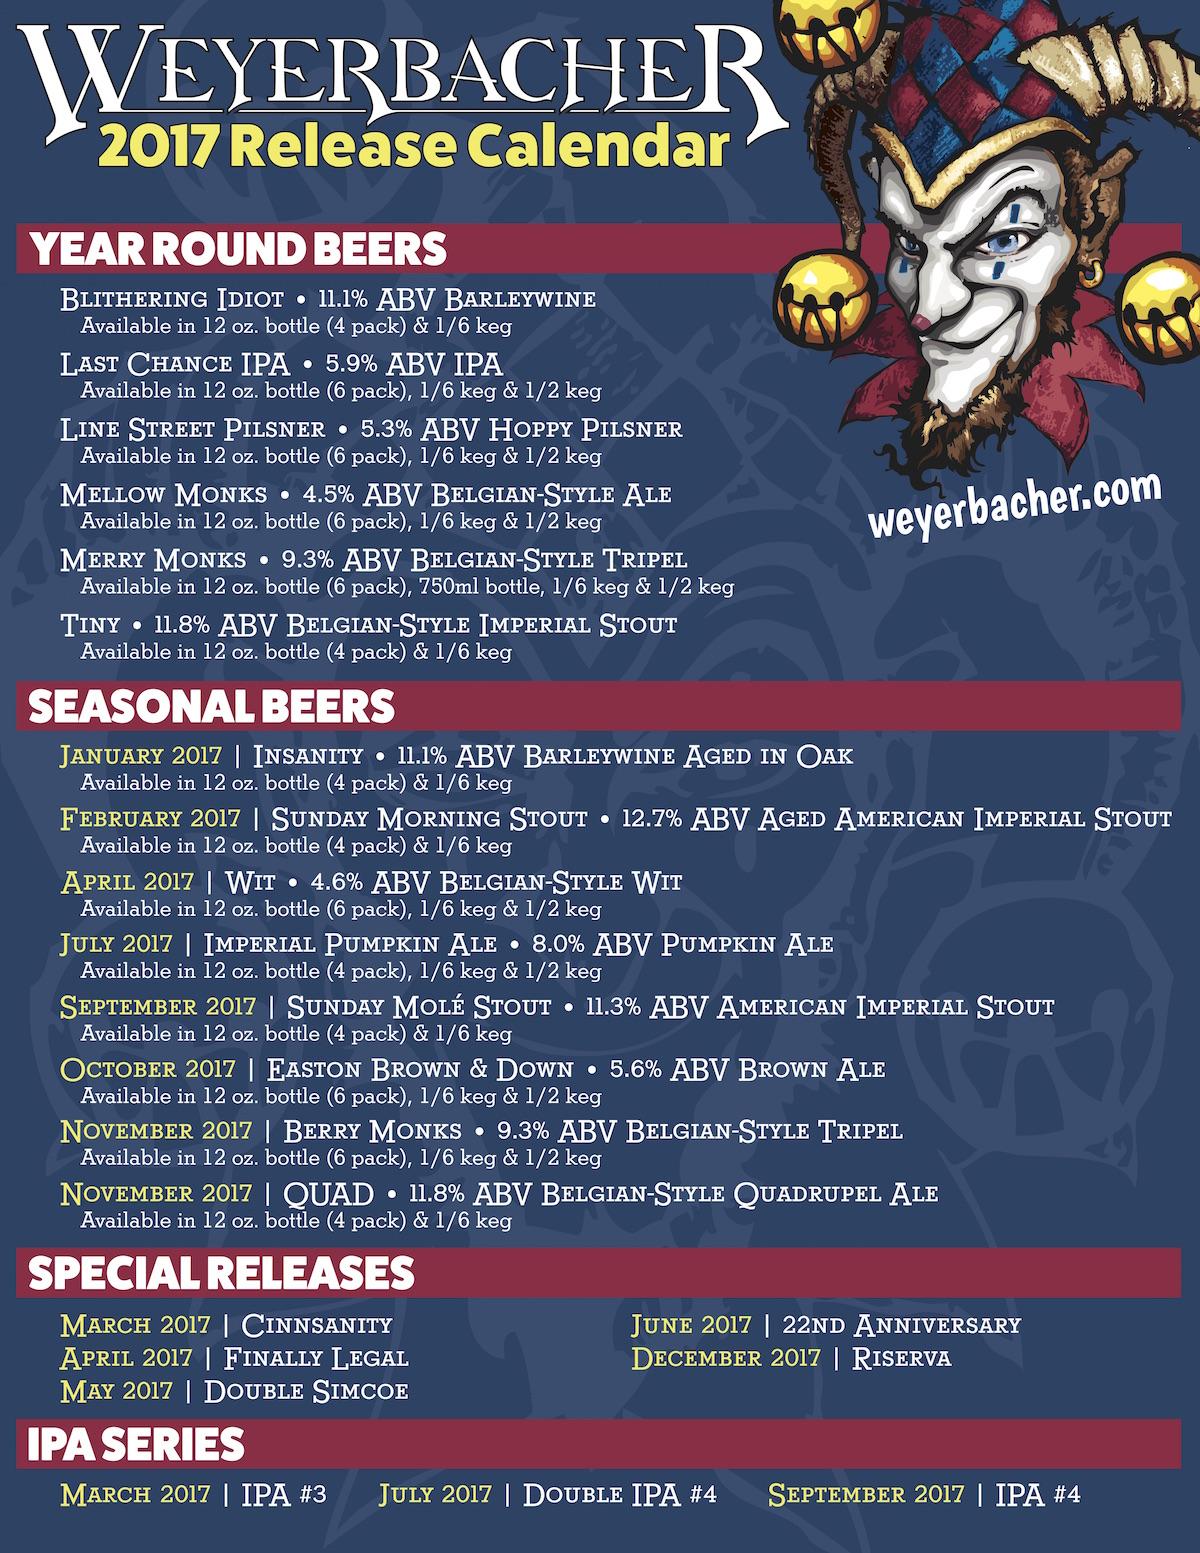 2017 Weyerbacher Beer Release Calendar